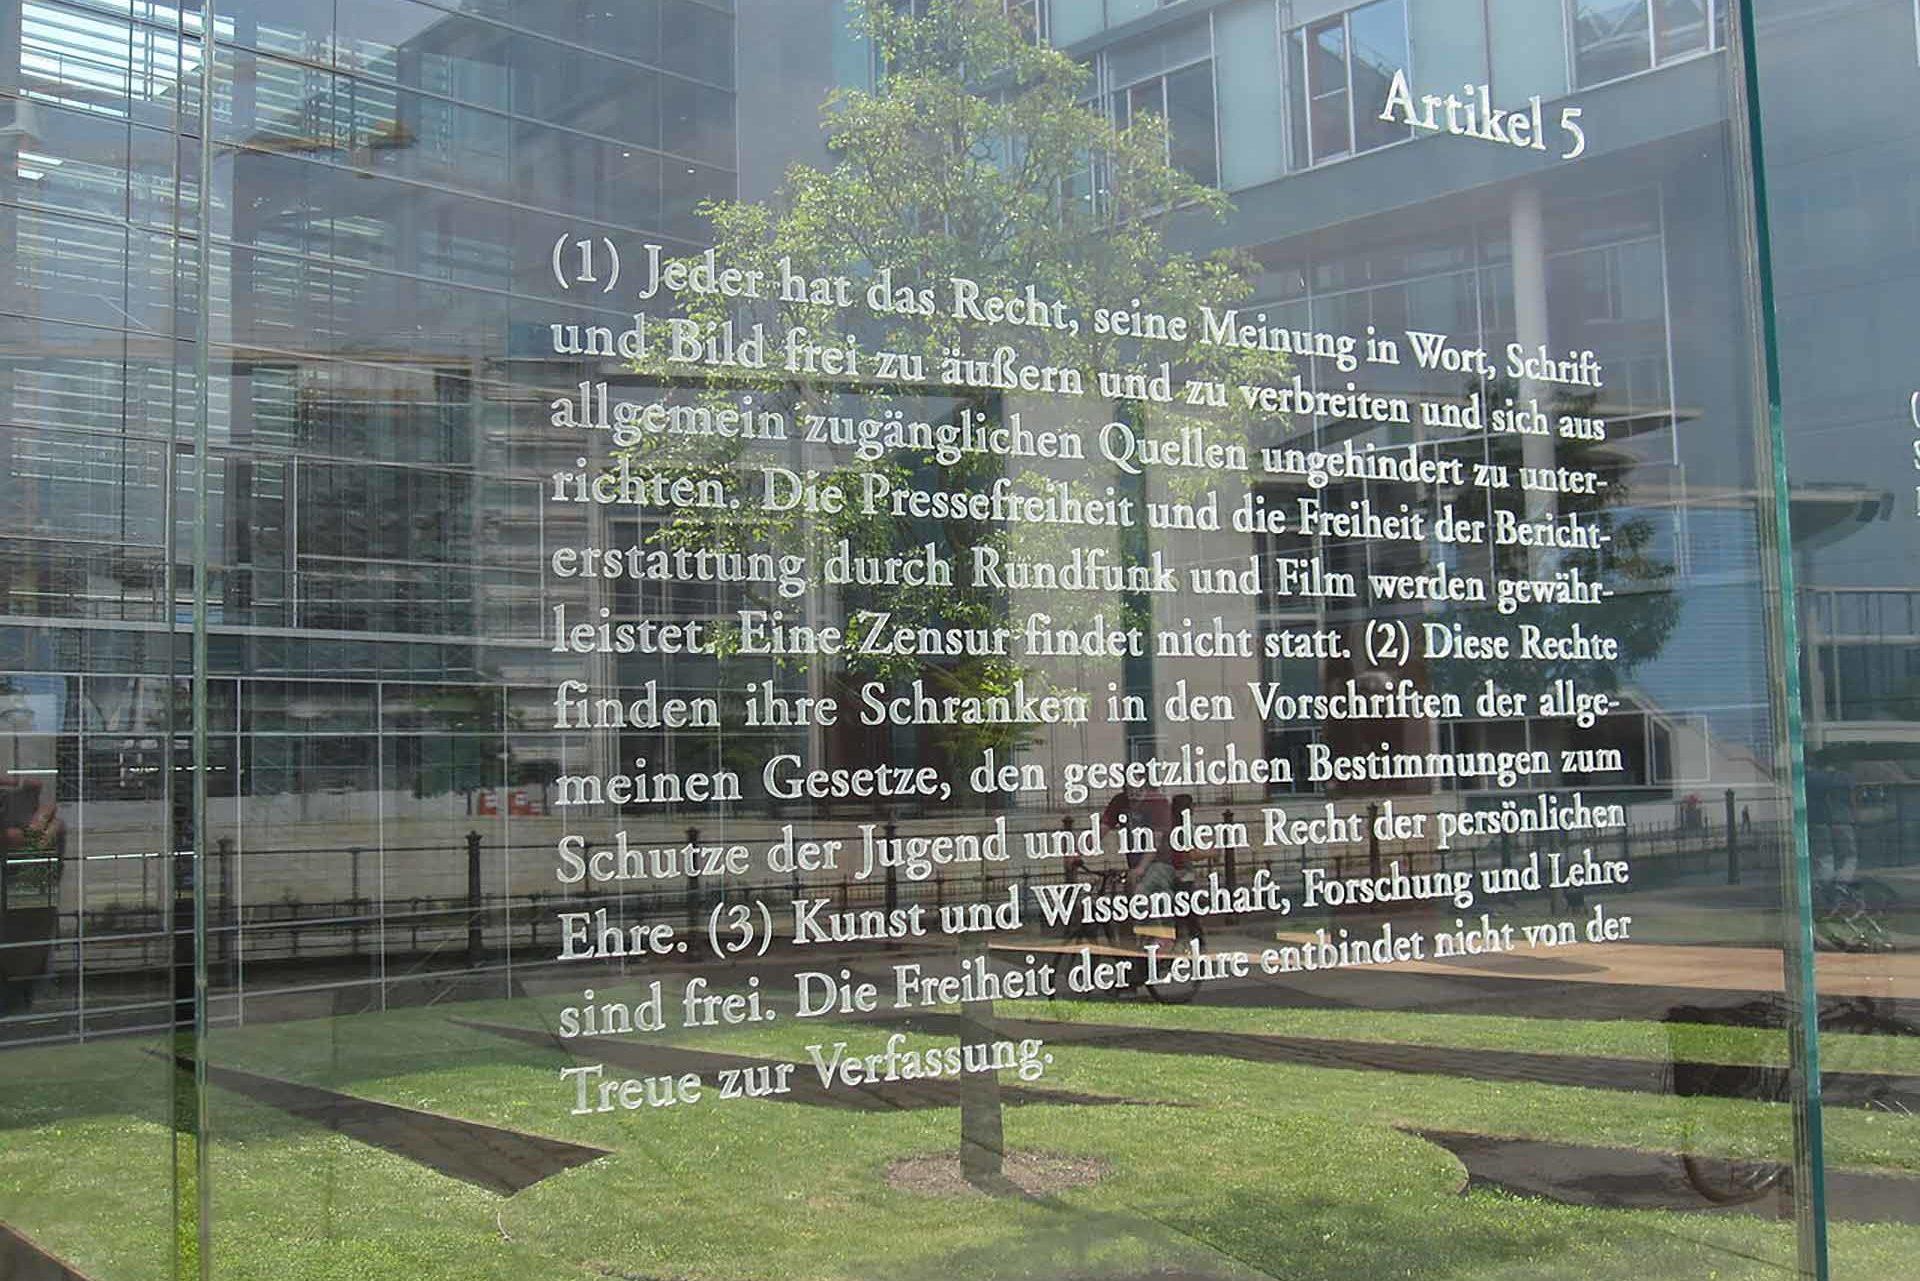 artikel fuenf an einer glasfassade